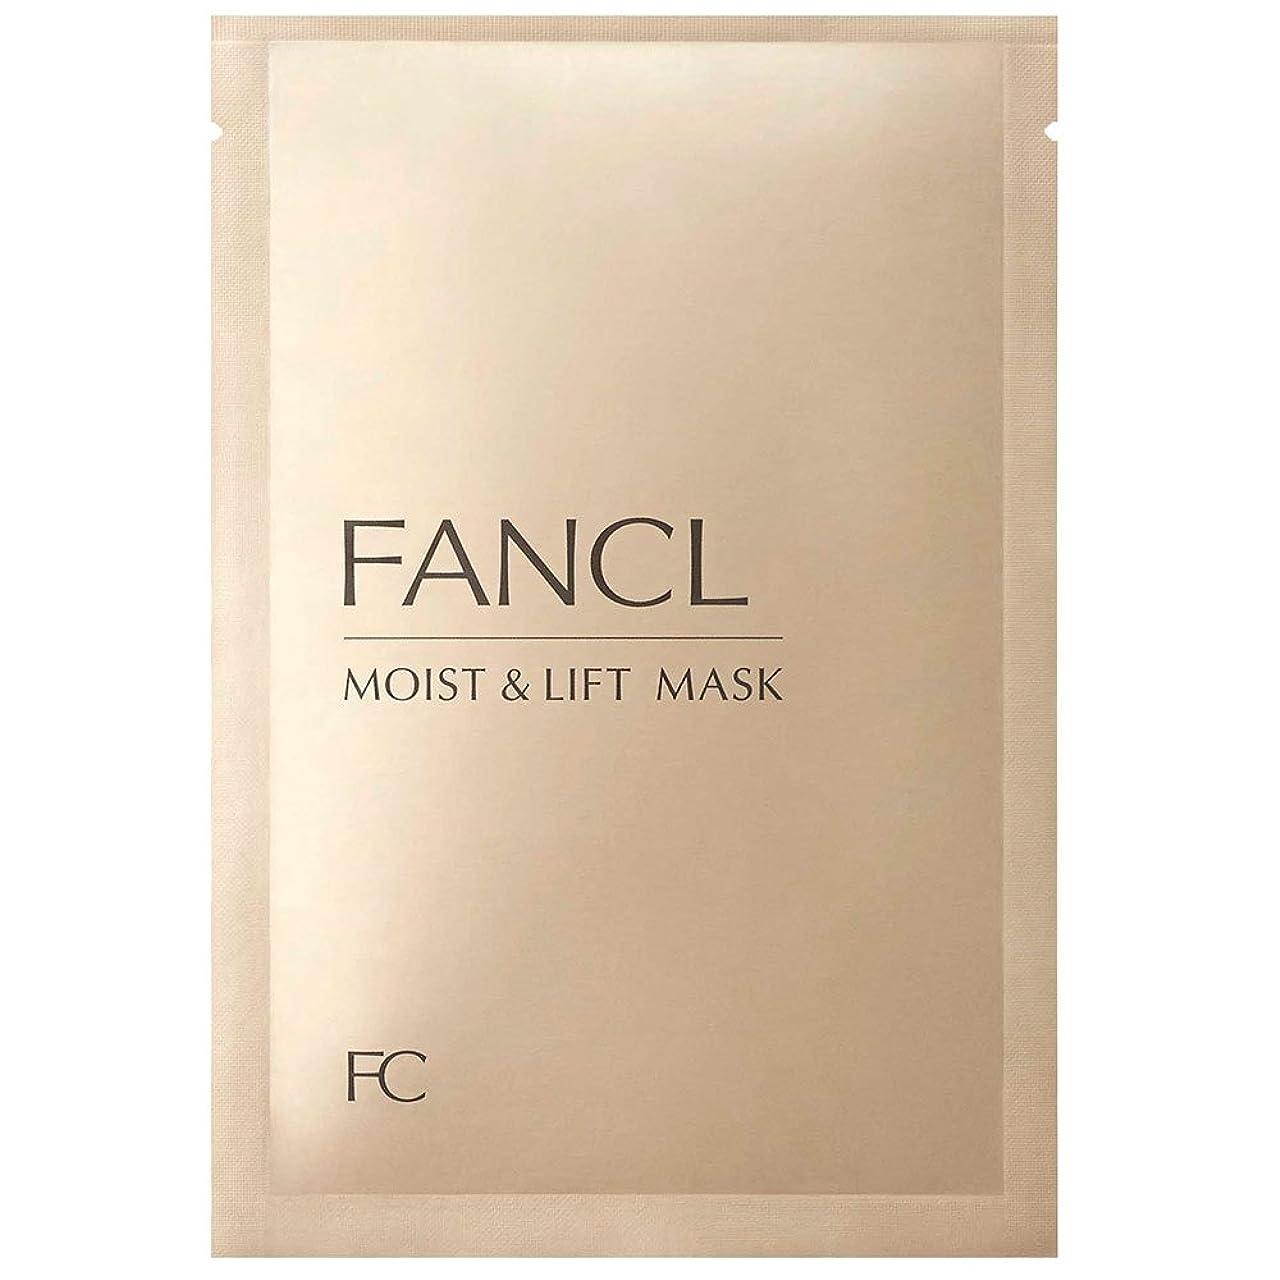 感染する爪送金ファンケル(FANCL) モイスト&リフトマスク(M&L マスク)28mL×6枚